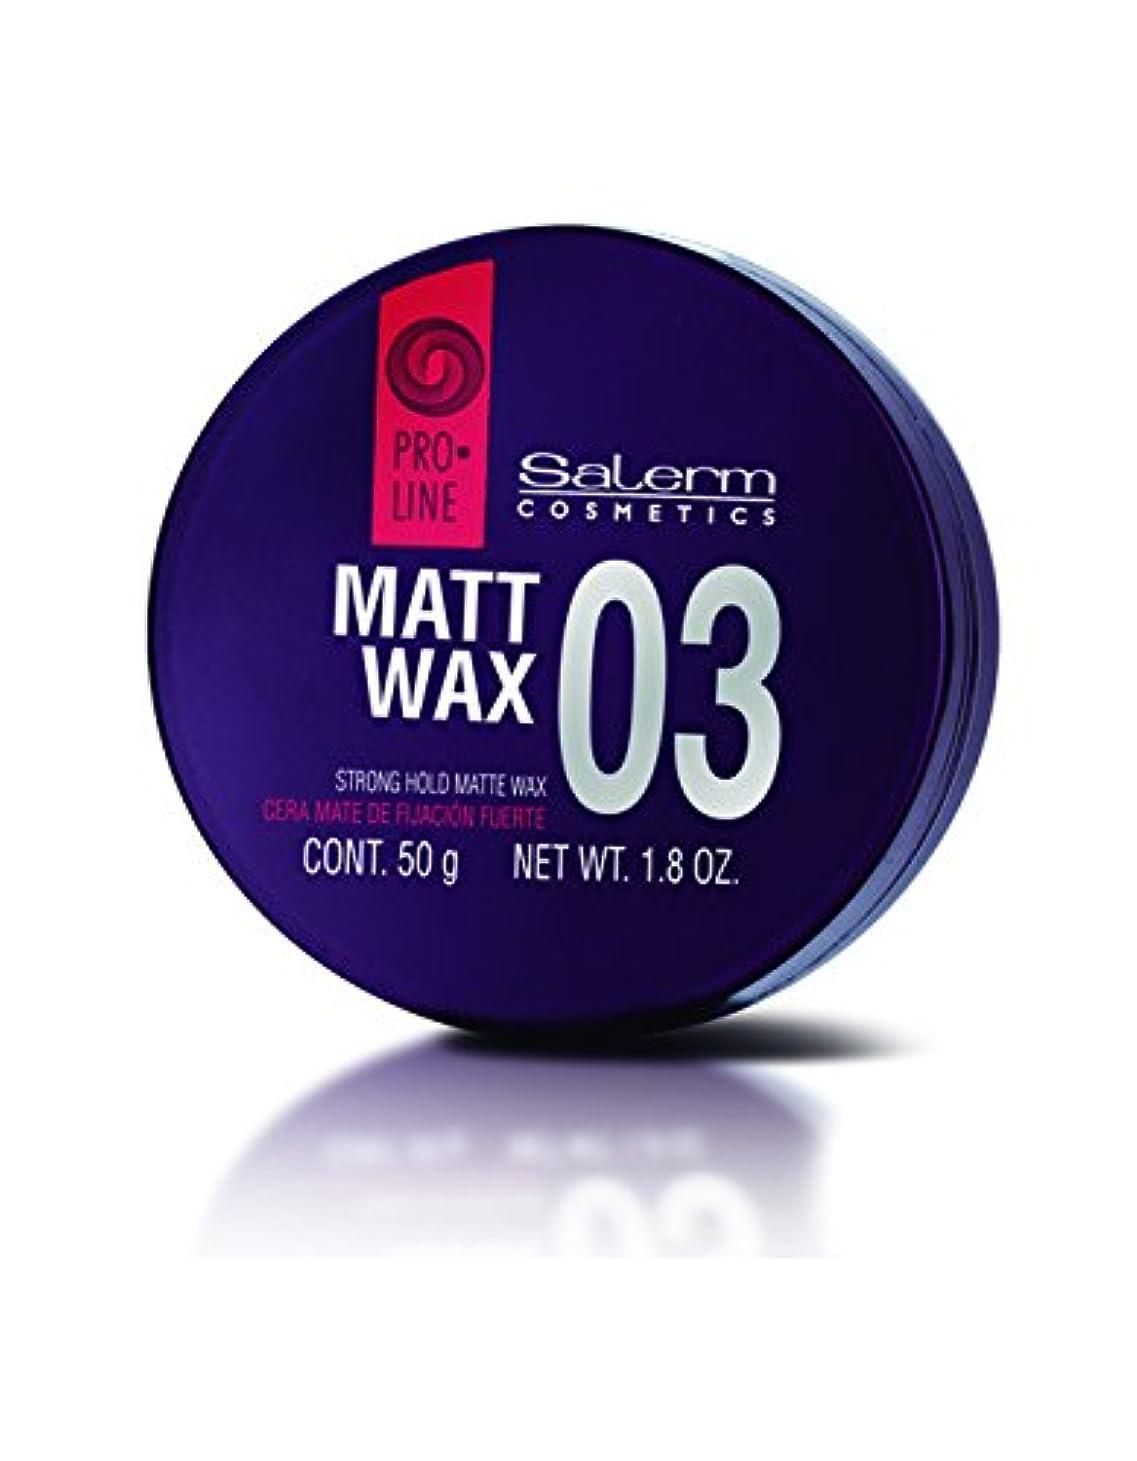 たらいベイビー売るSalerm 化粧品03マットワックスストロングホールド-size 1.8オンス